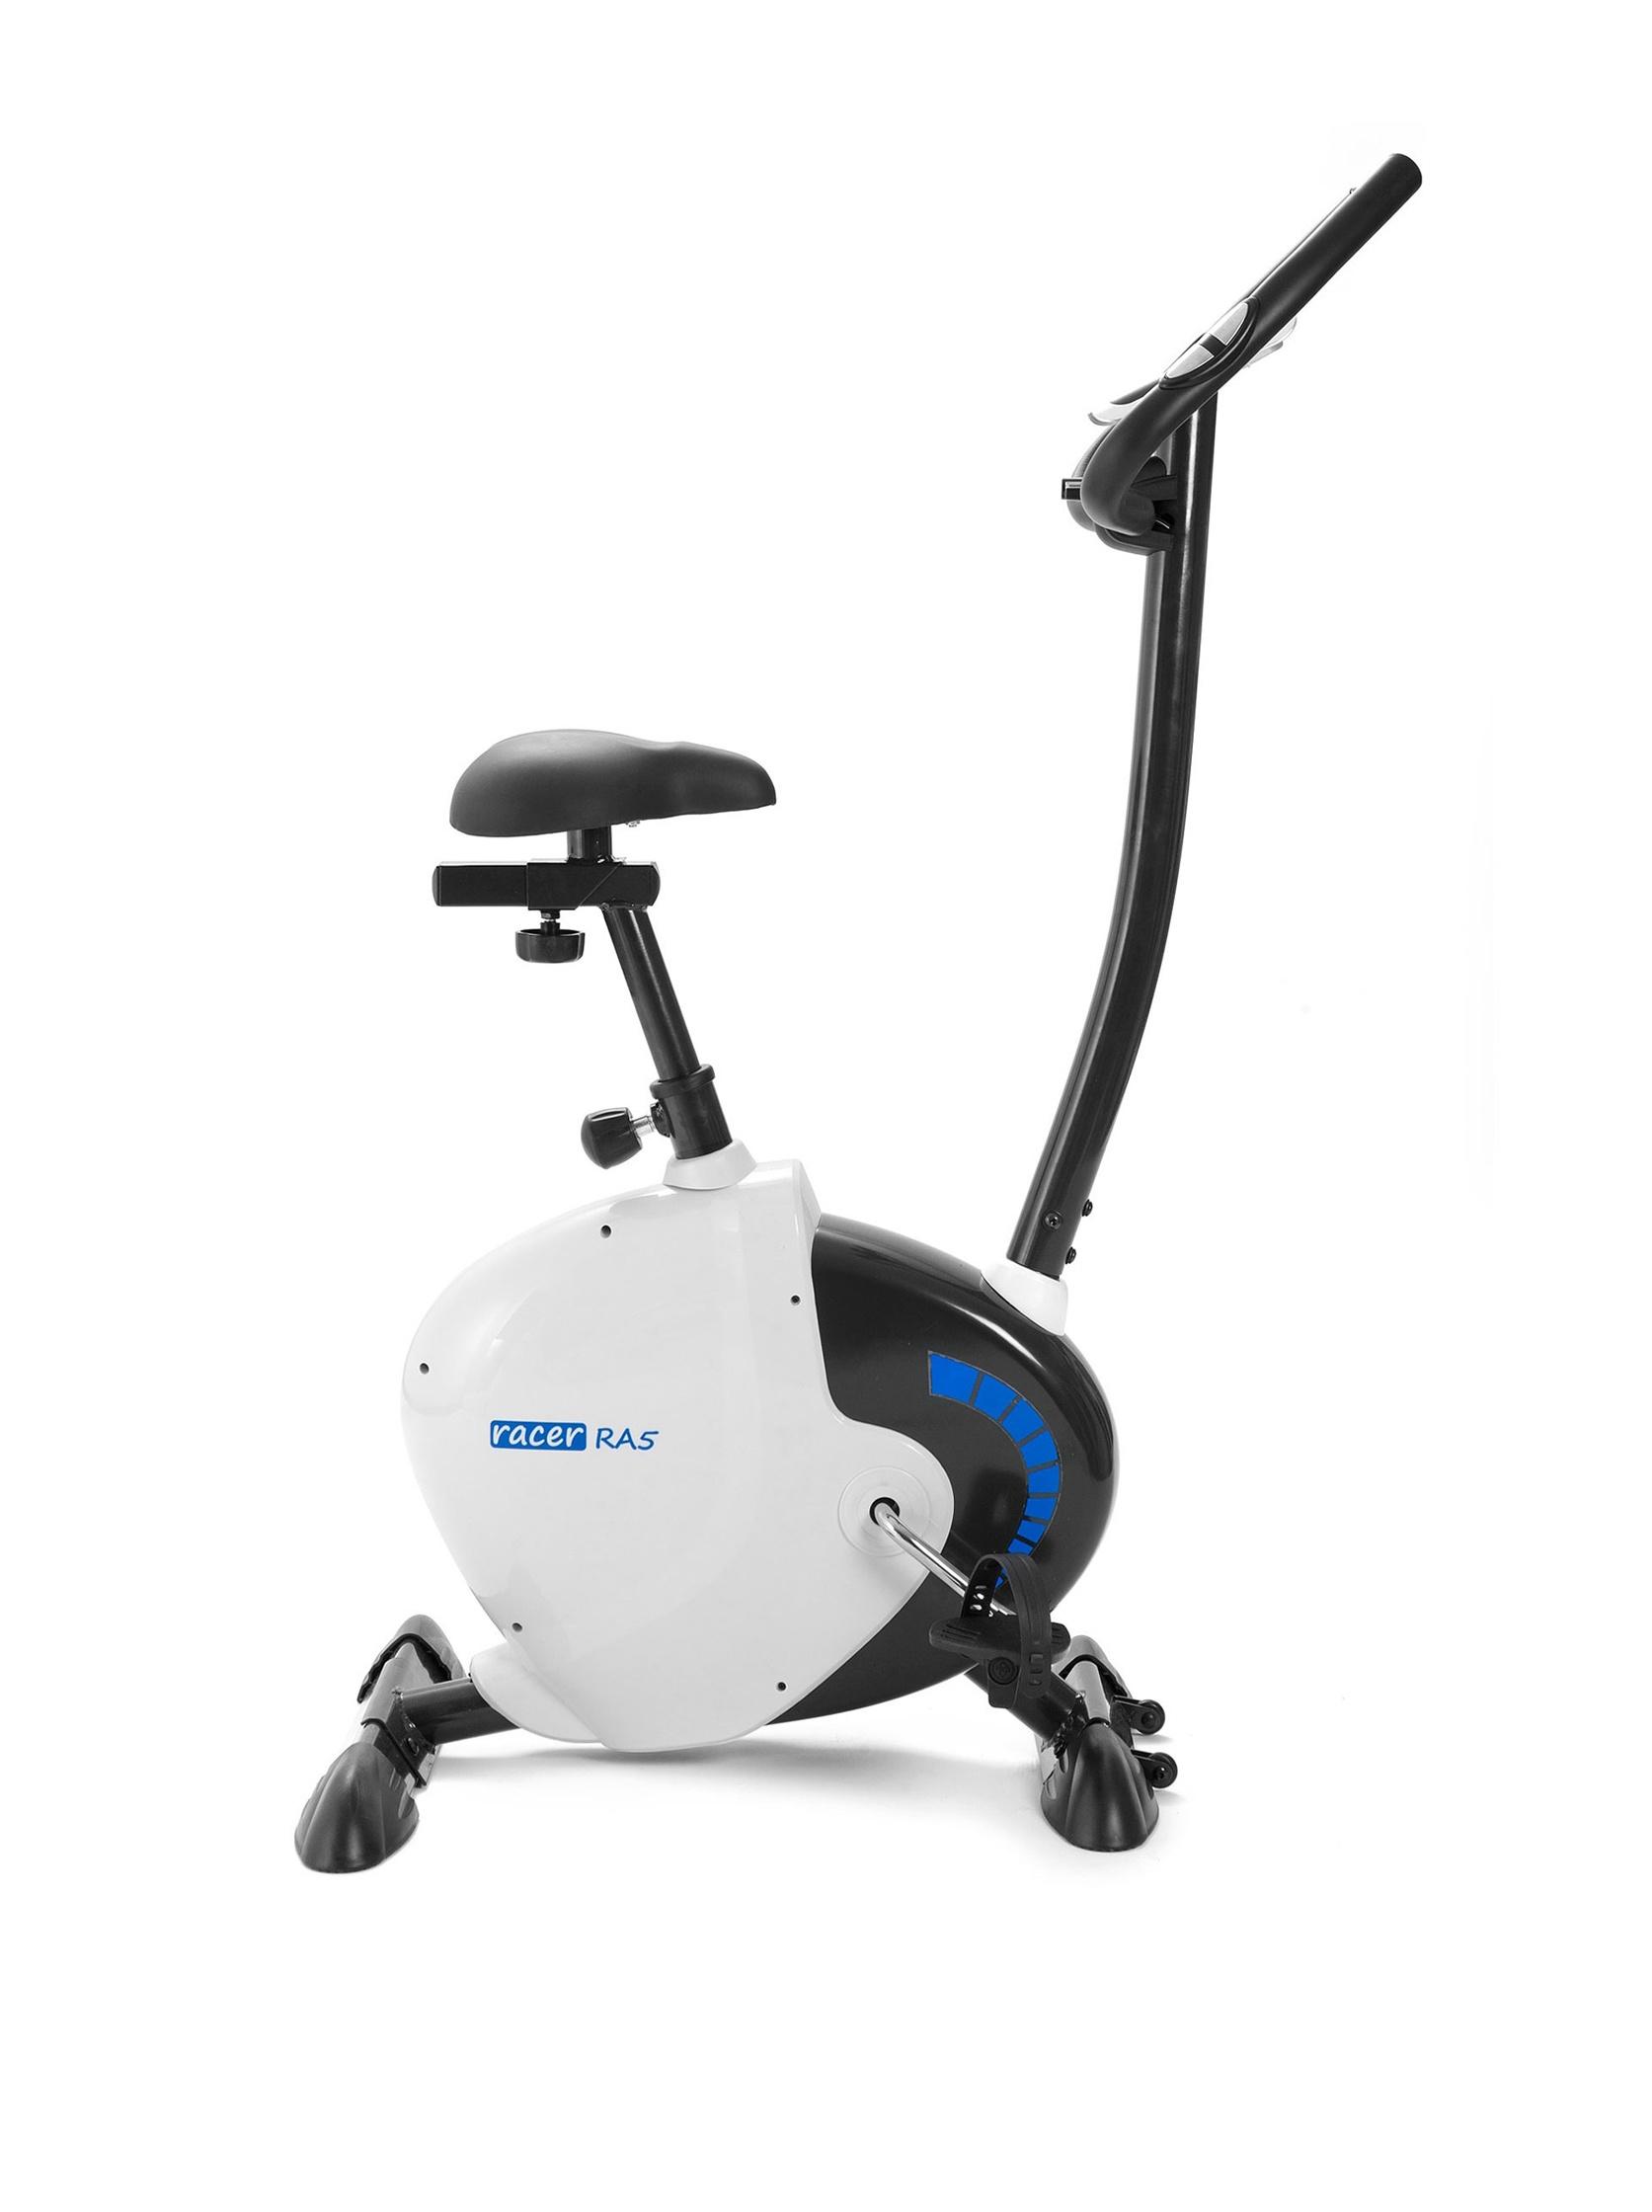 FYTTER - Bicicleta Estática Racer Gym Ra5: Amazon.es: Deportes y ...